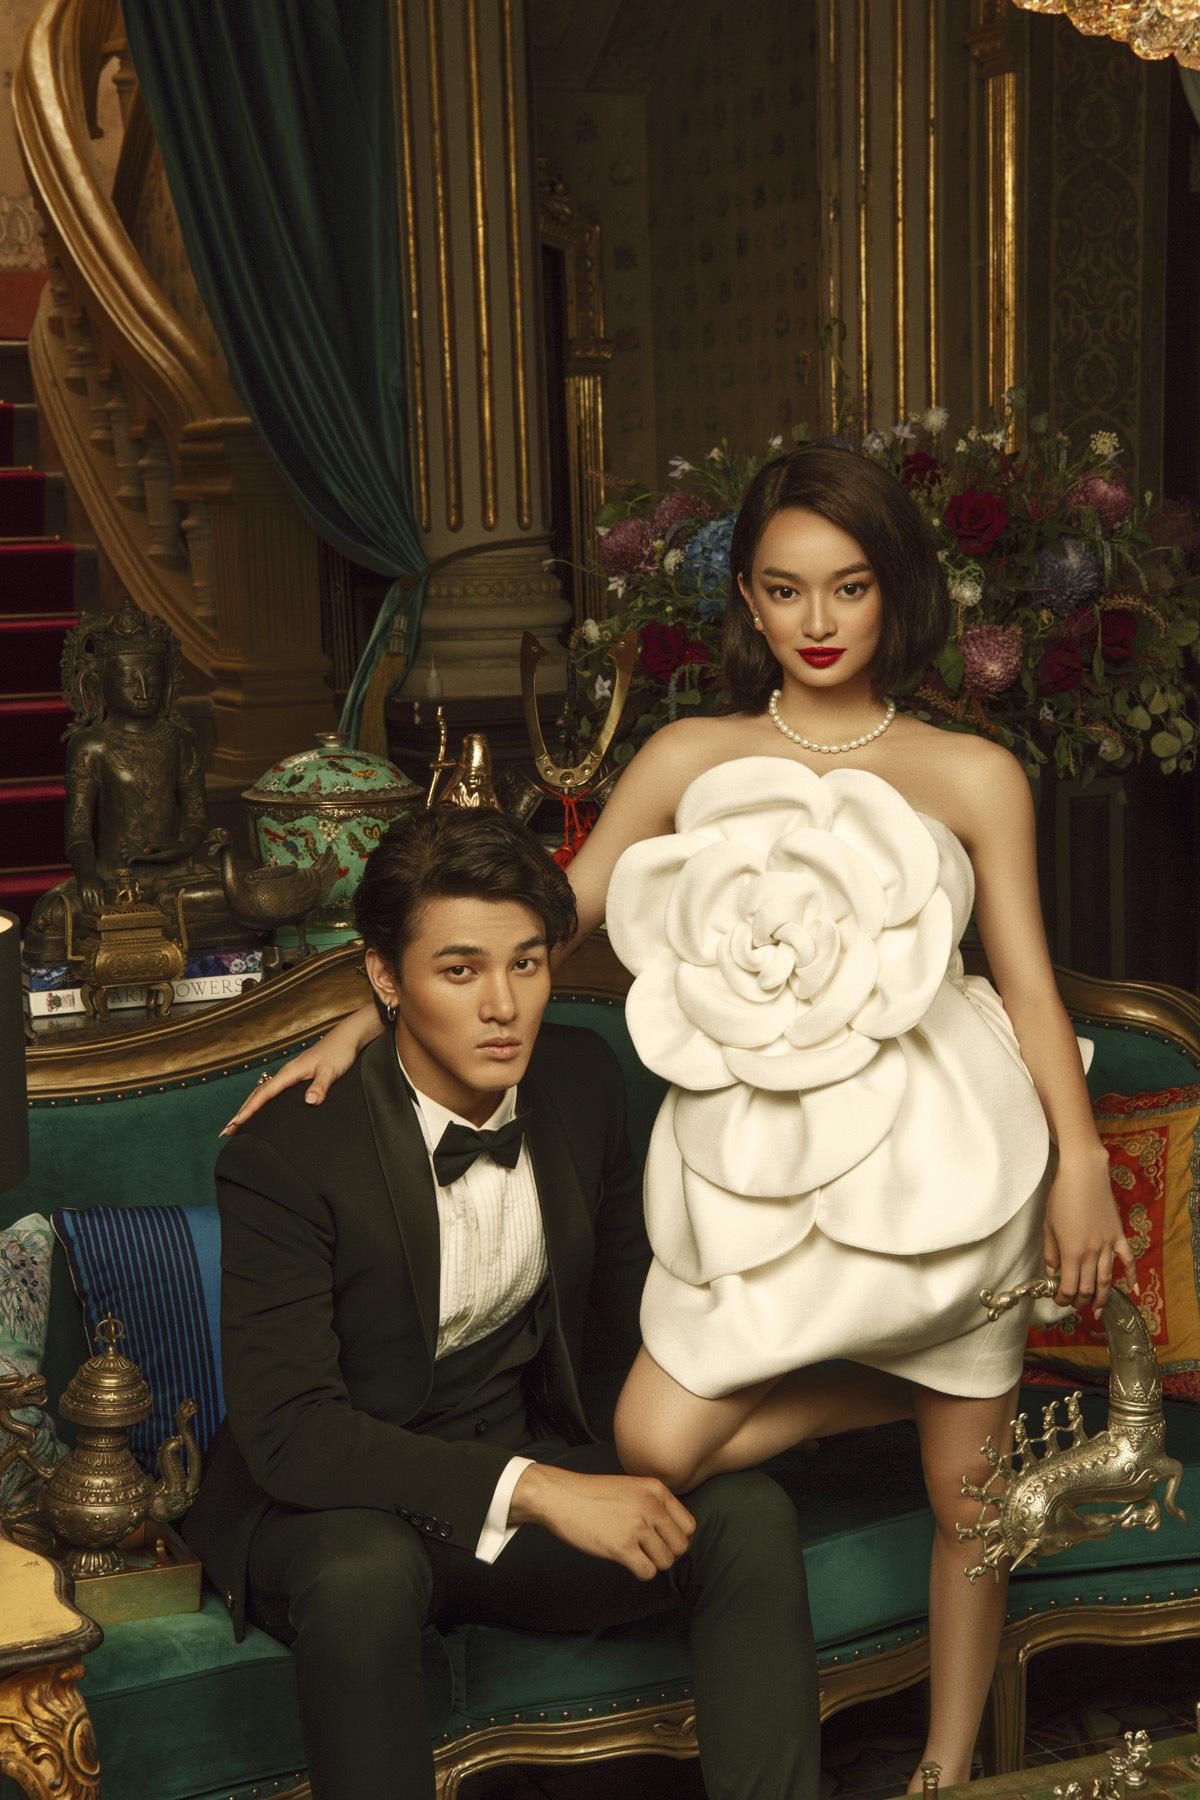 Kaity Nguyễn cùng Lê Khanh, Hồng Vân gia nhập đường đua phim Tết với Gái già lắm chiêu 5 - Ảnh 4.